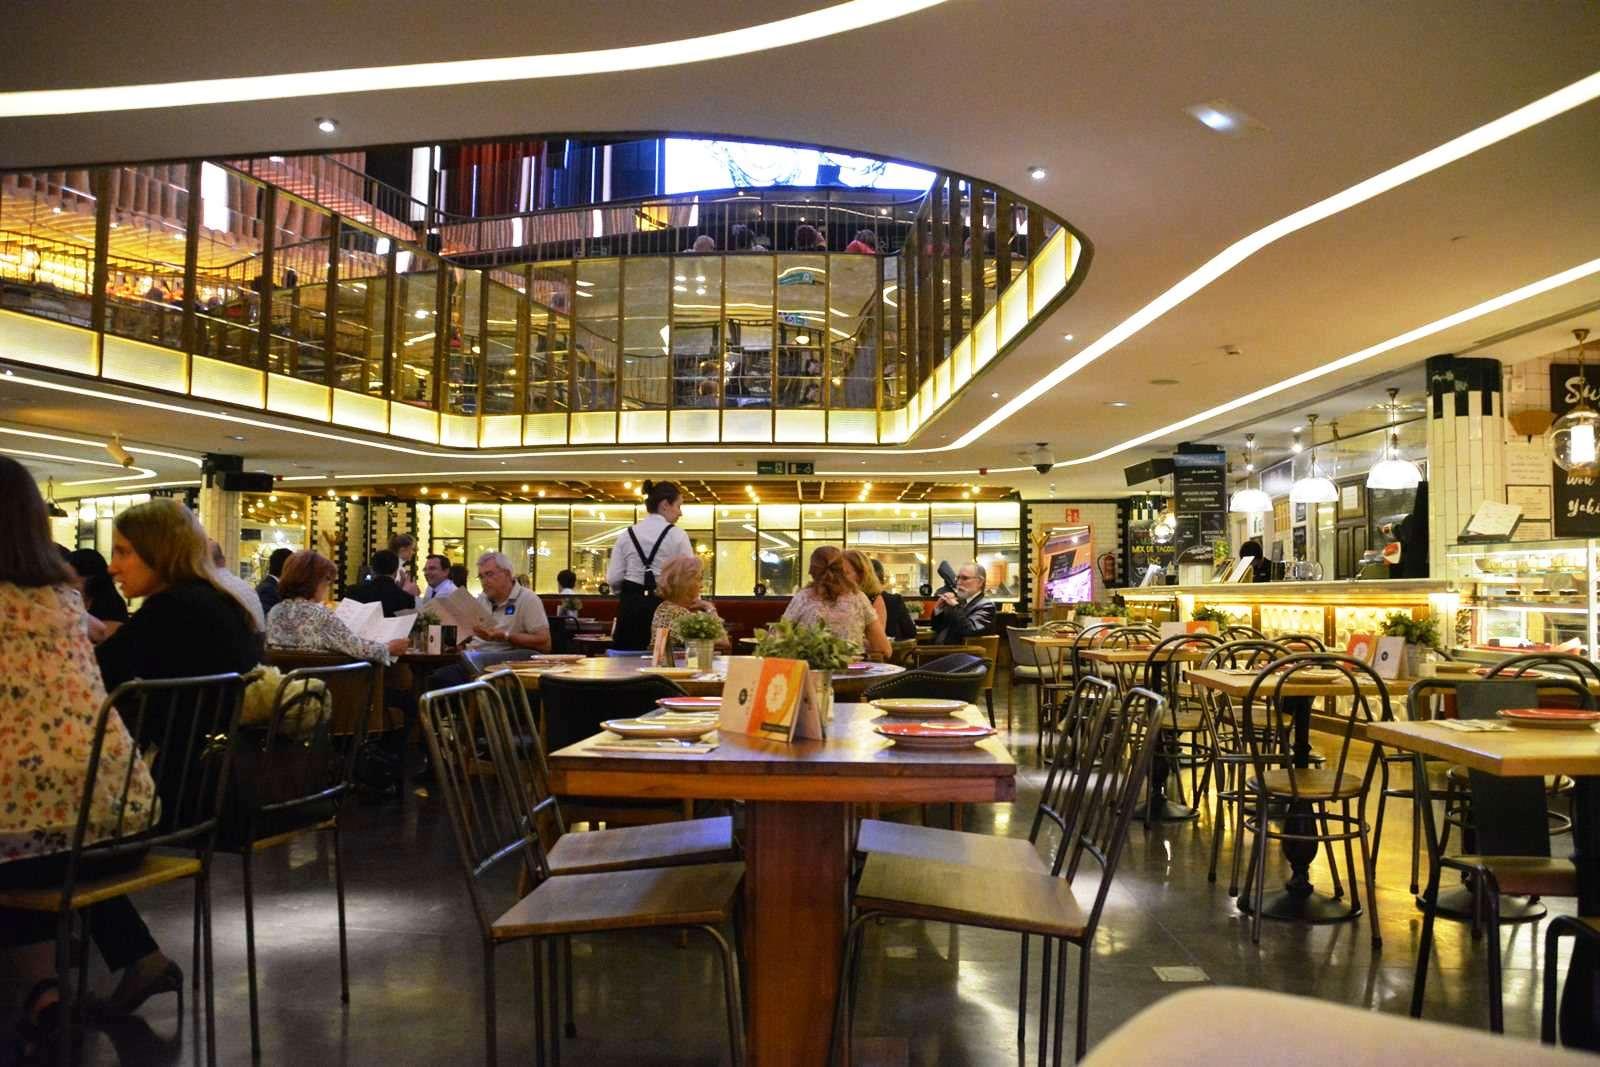 Centro de ocio gastronmico Platea en Madrid  Mirador Madrid